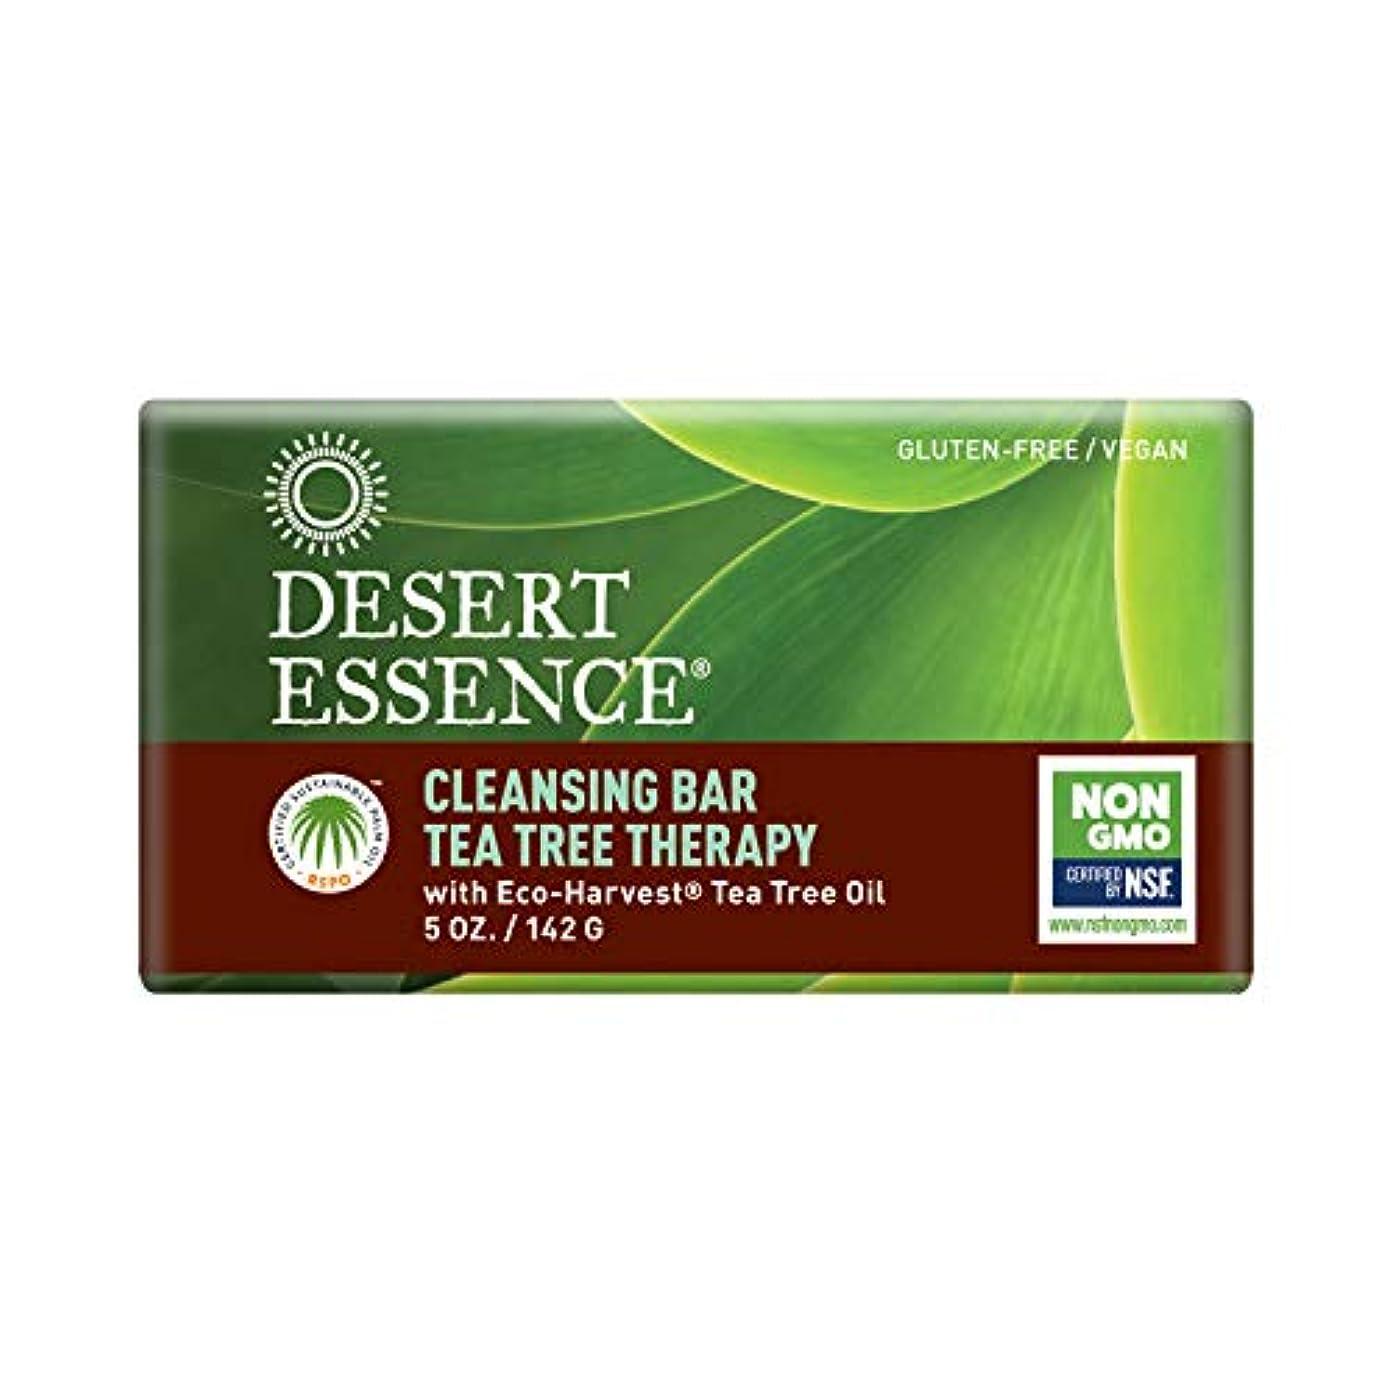 ヘビ旅行者懇願する海外直送品Desert Essence Tea Tree Therapy Cleansing Bar Soap, 5 oz